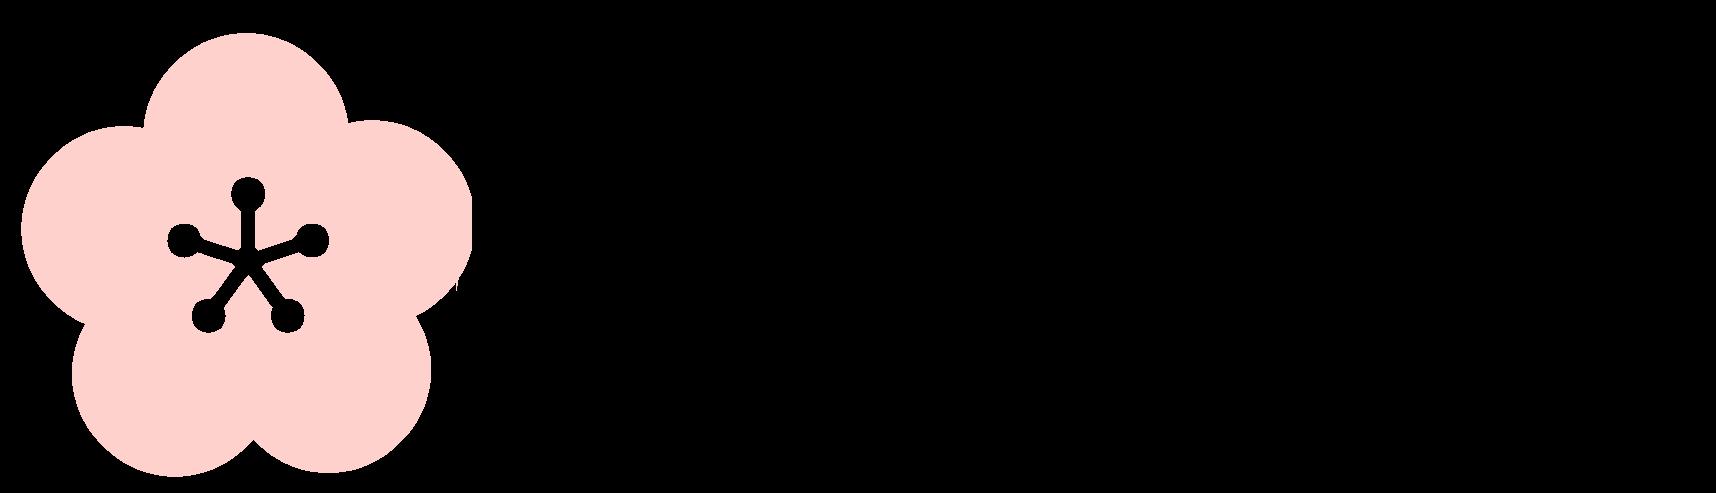 梅沢鍼灸接骨院|武蔵小山駅の鍼灸院の画像